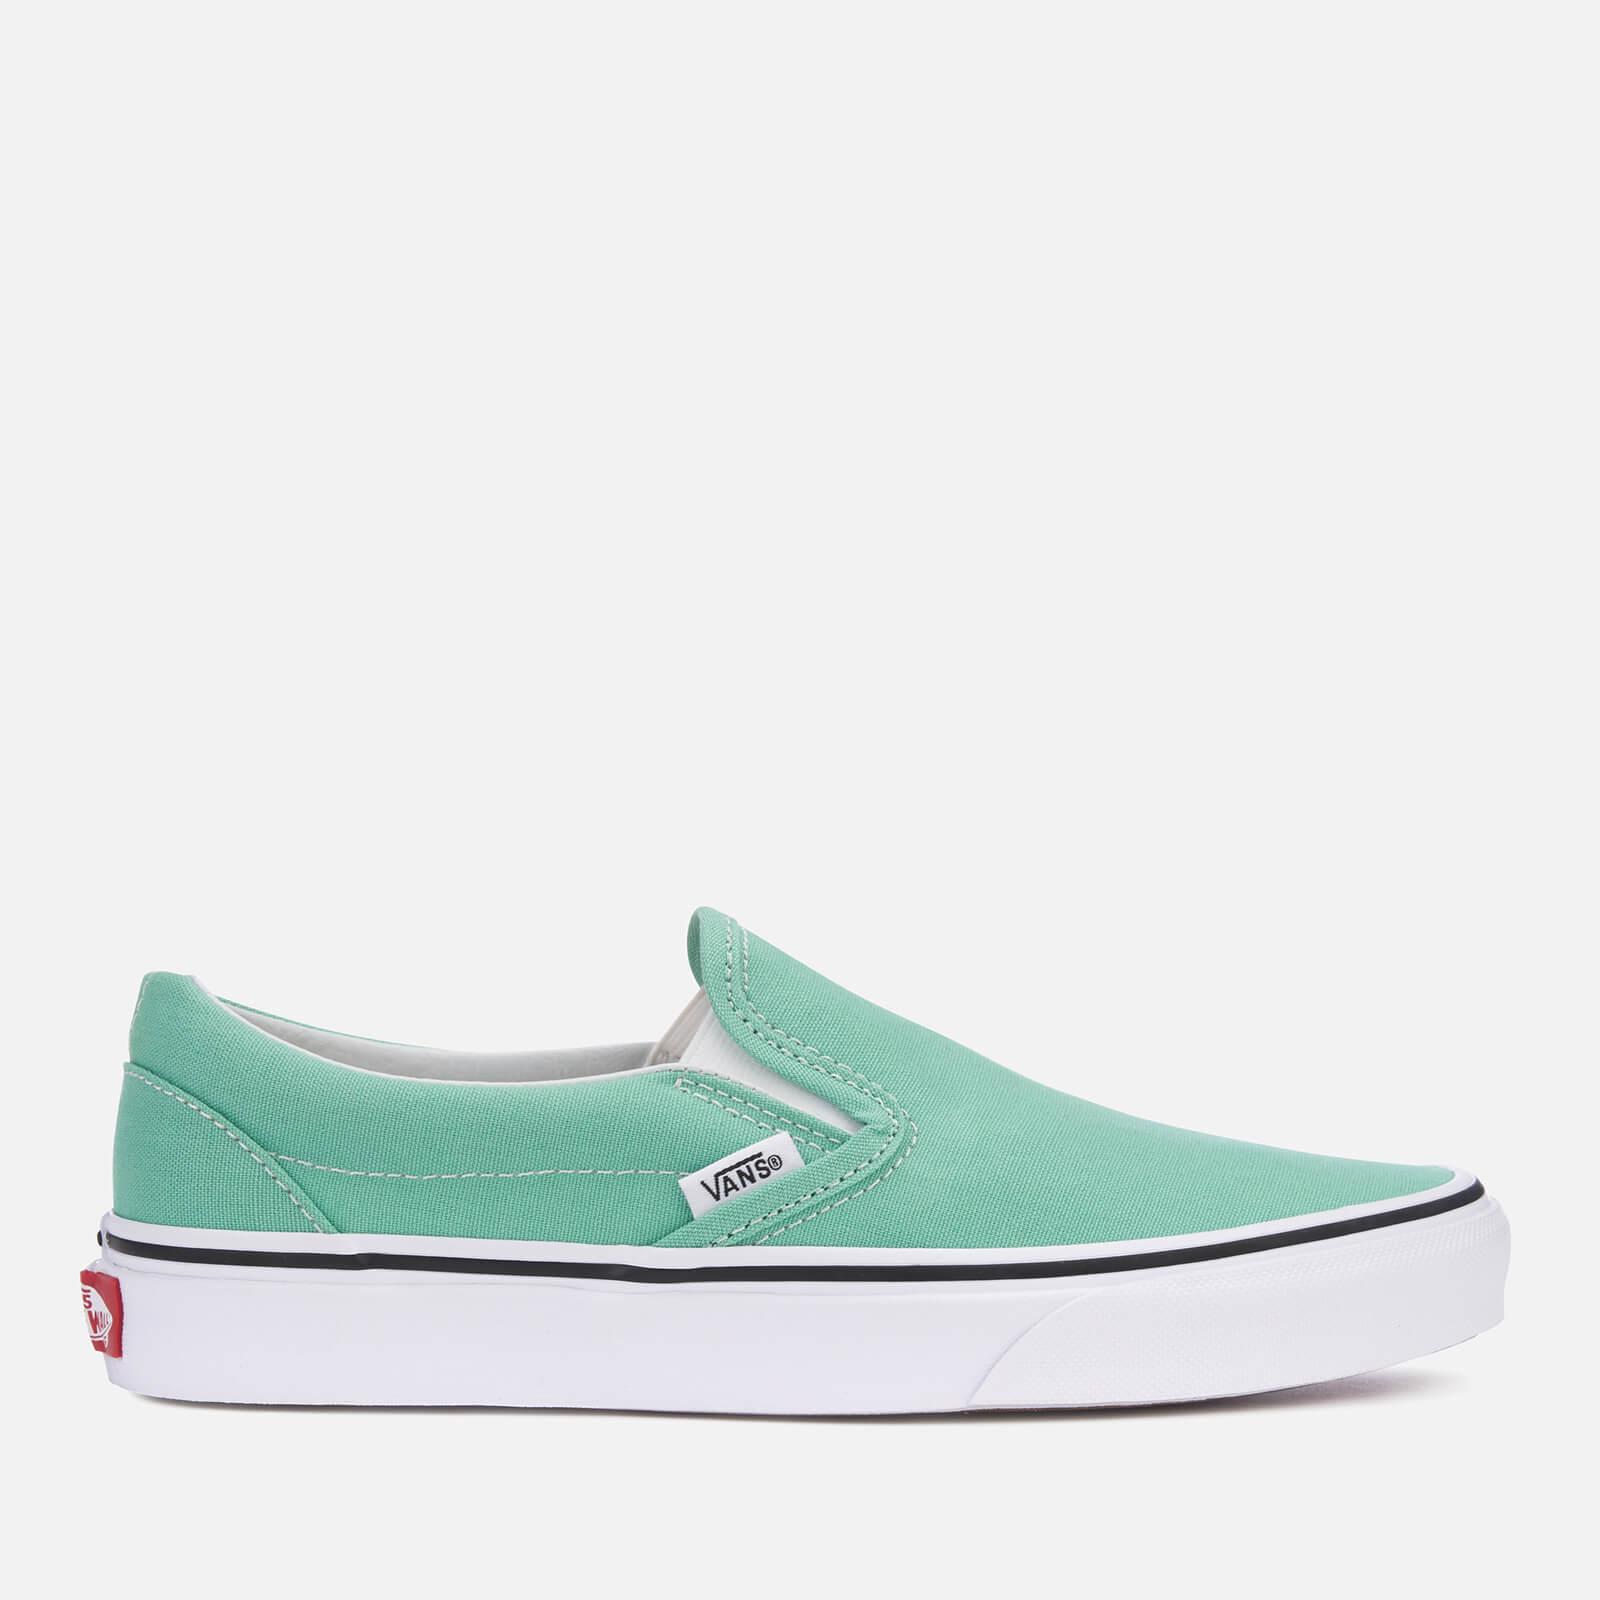 fcb77d33395792 Vans Women s Classic Slip-On Trainers - Neptune Green True White ...